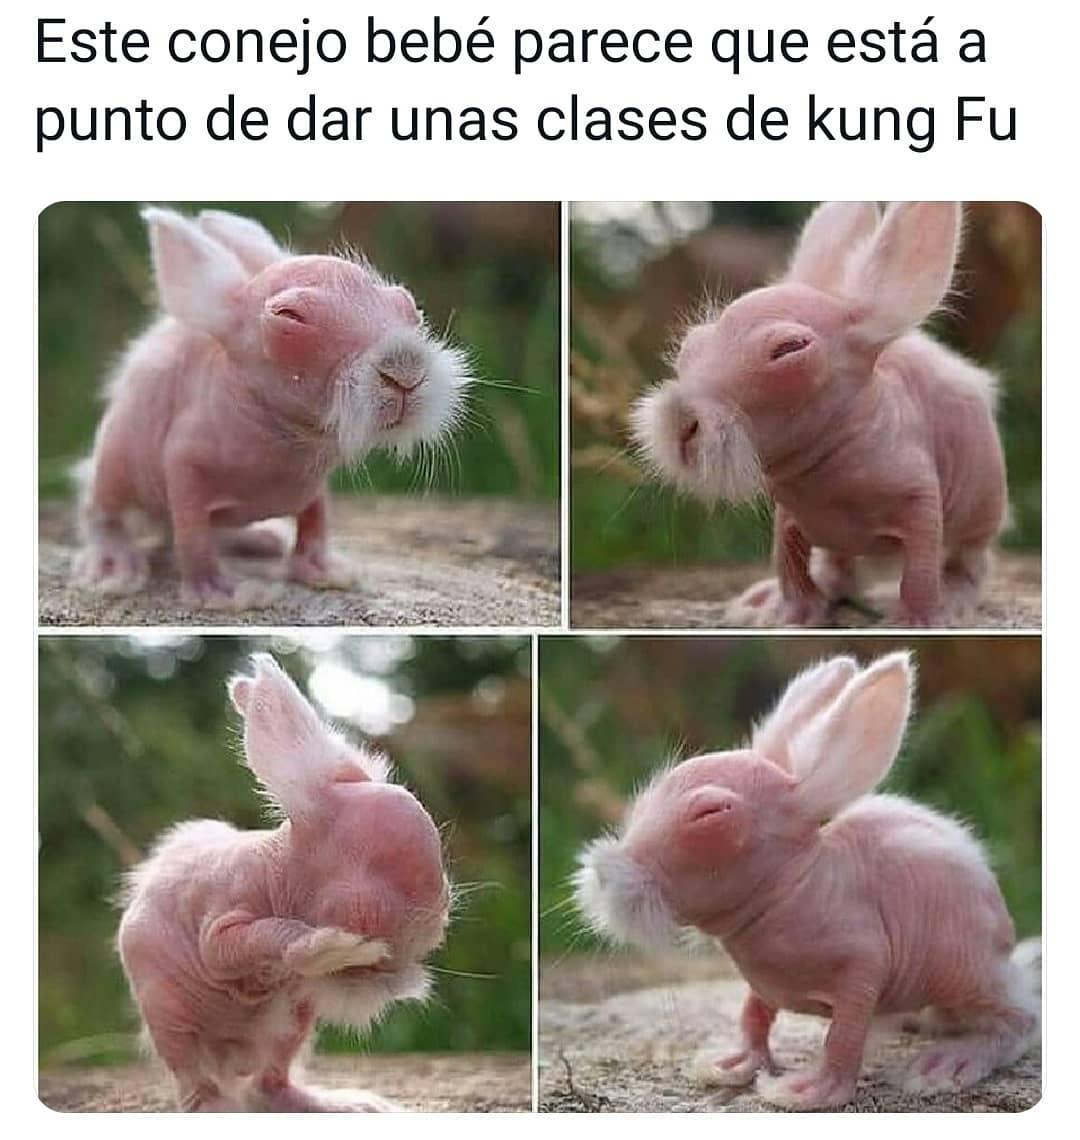 Este conejo bebé parece que está a punto de dar unas clases de kung Fu.